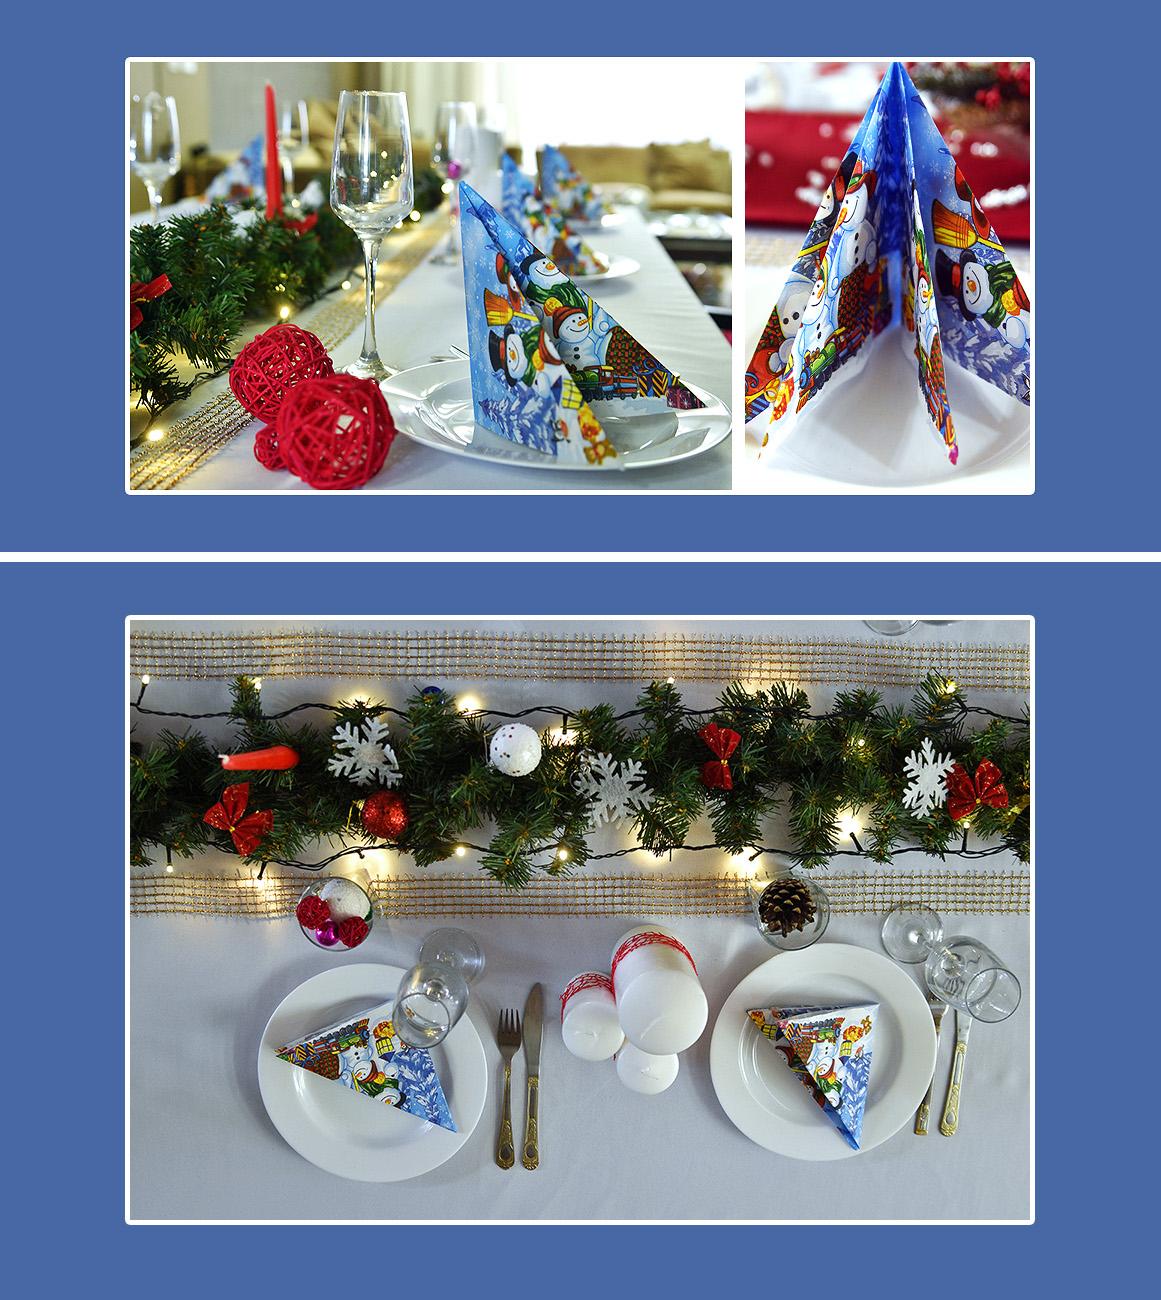 Servietten Weihnachten Tisch